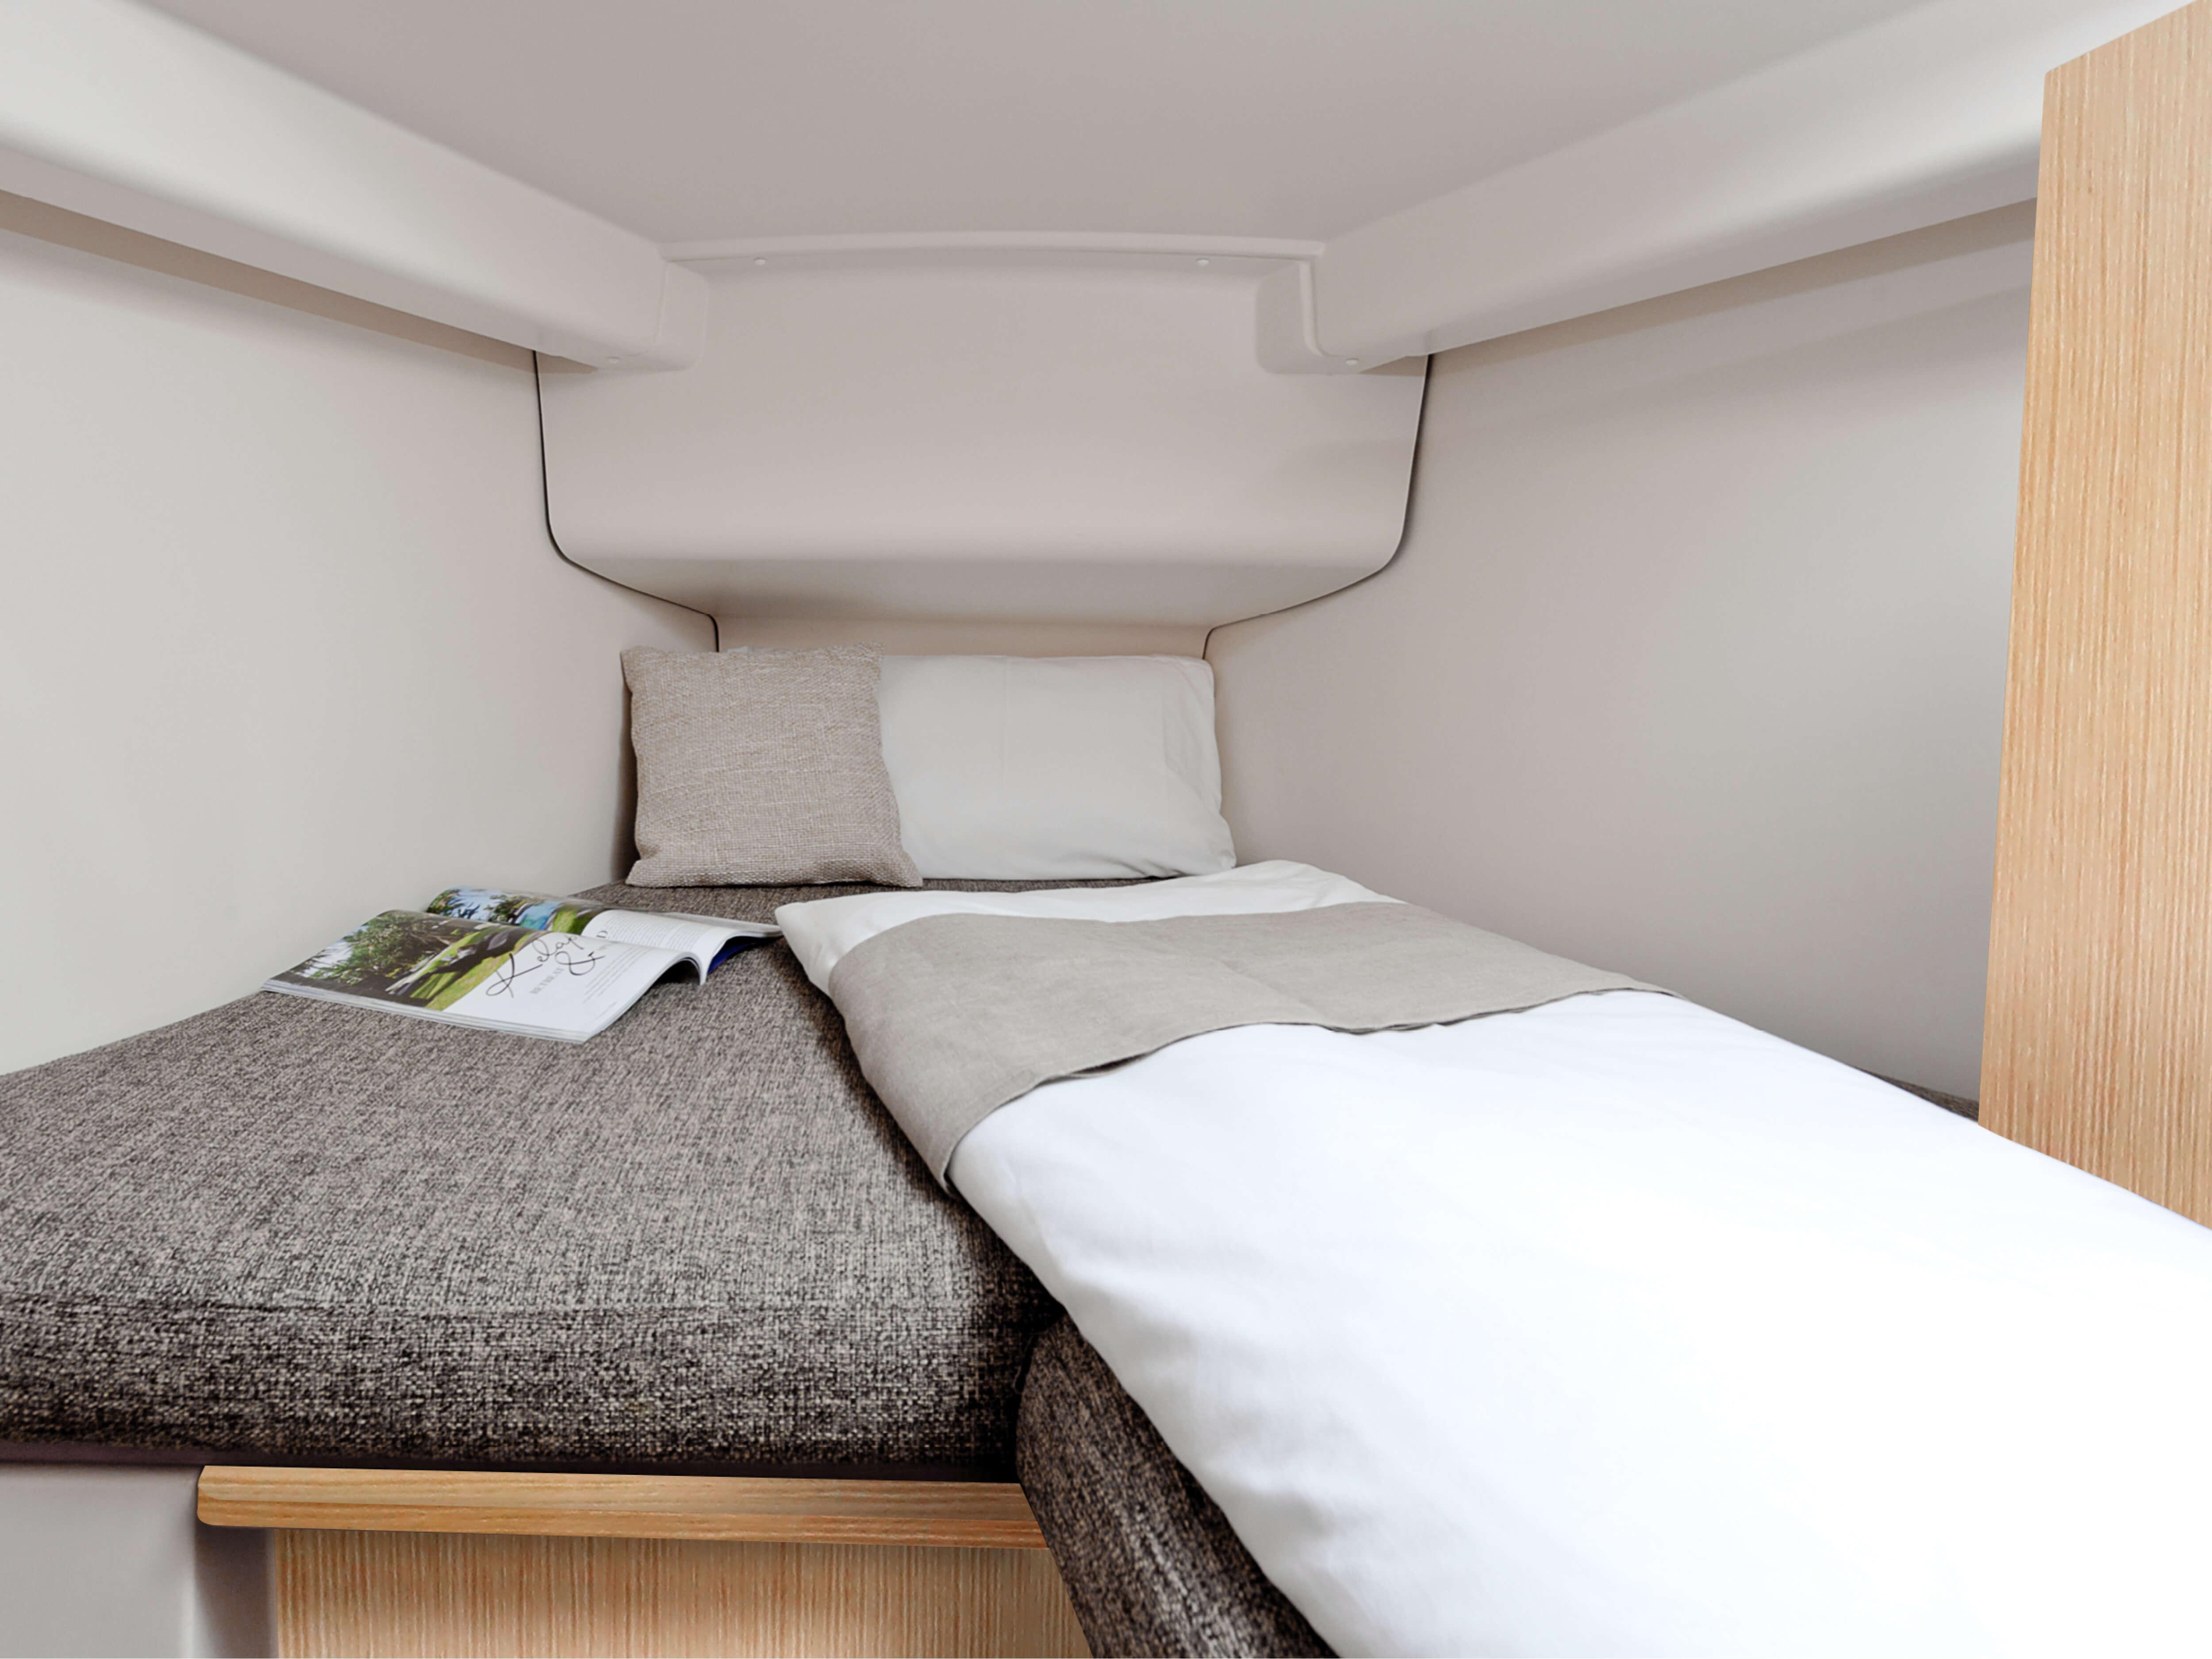 Hanse 315 Interior view owner´s cabin | Çeşitli yerleşim seçenekleri ve kaliteli kumaşlar, zarif ahşaplar, moda renkler, seçkin zemin malzemeleri ve şık mobilyaların dahil olduğu geniş kombinasyon seçenekleri sayesinde HANSE'nizi kendinize özel, benzersiz bir yata dönüştürebilirsiniz. | Hanse